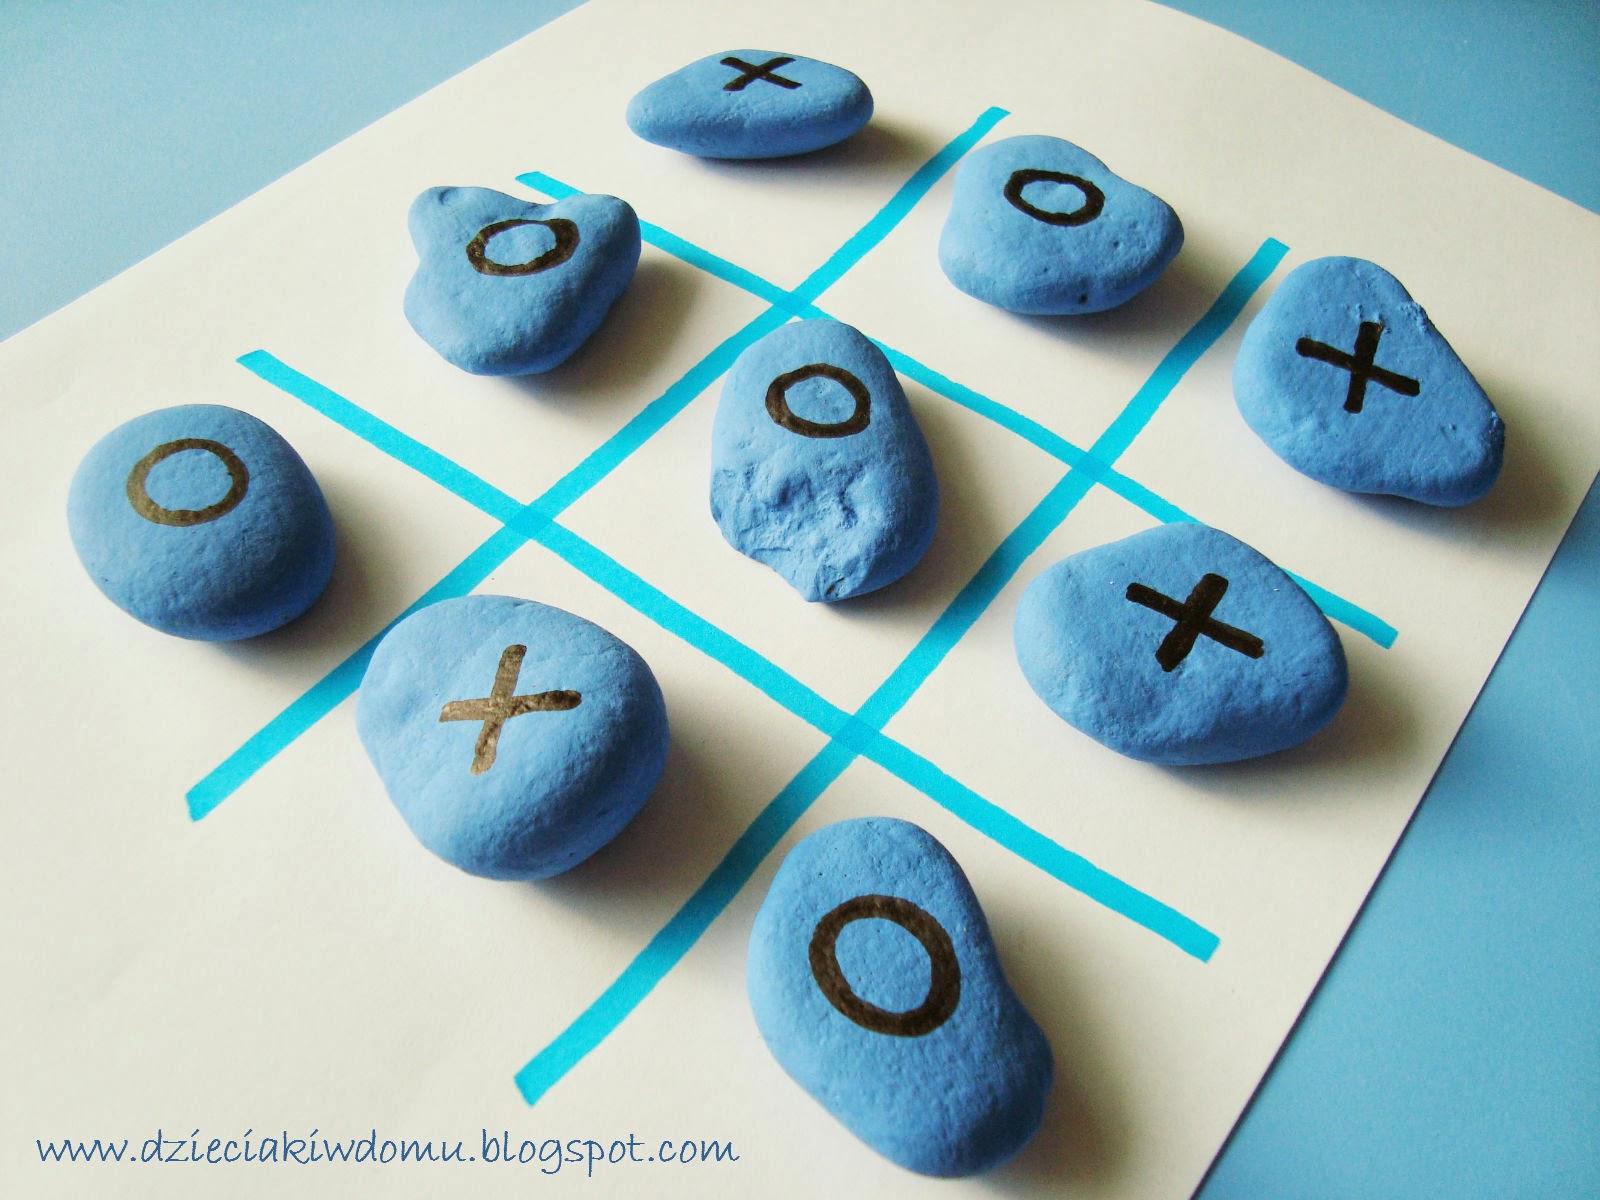 Kółko i krzyżyk z kamieni, gra dla dzieci wykonana w kreatywny sposób